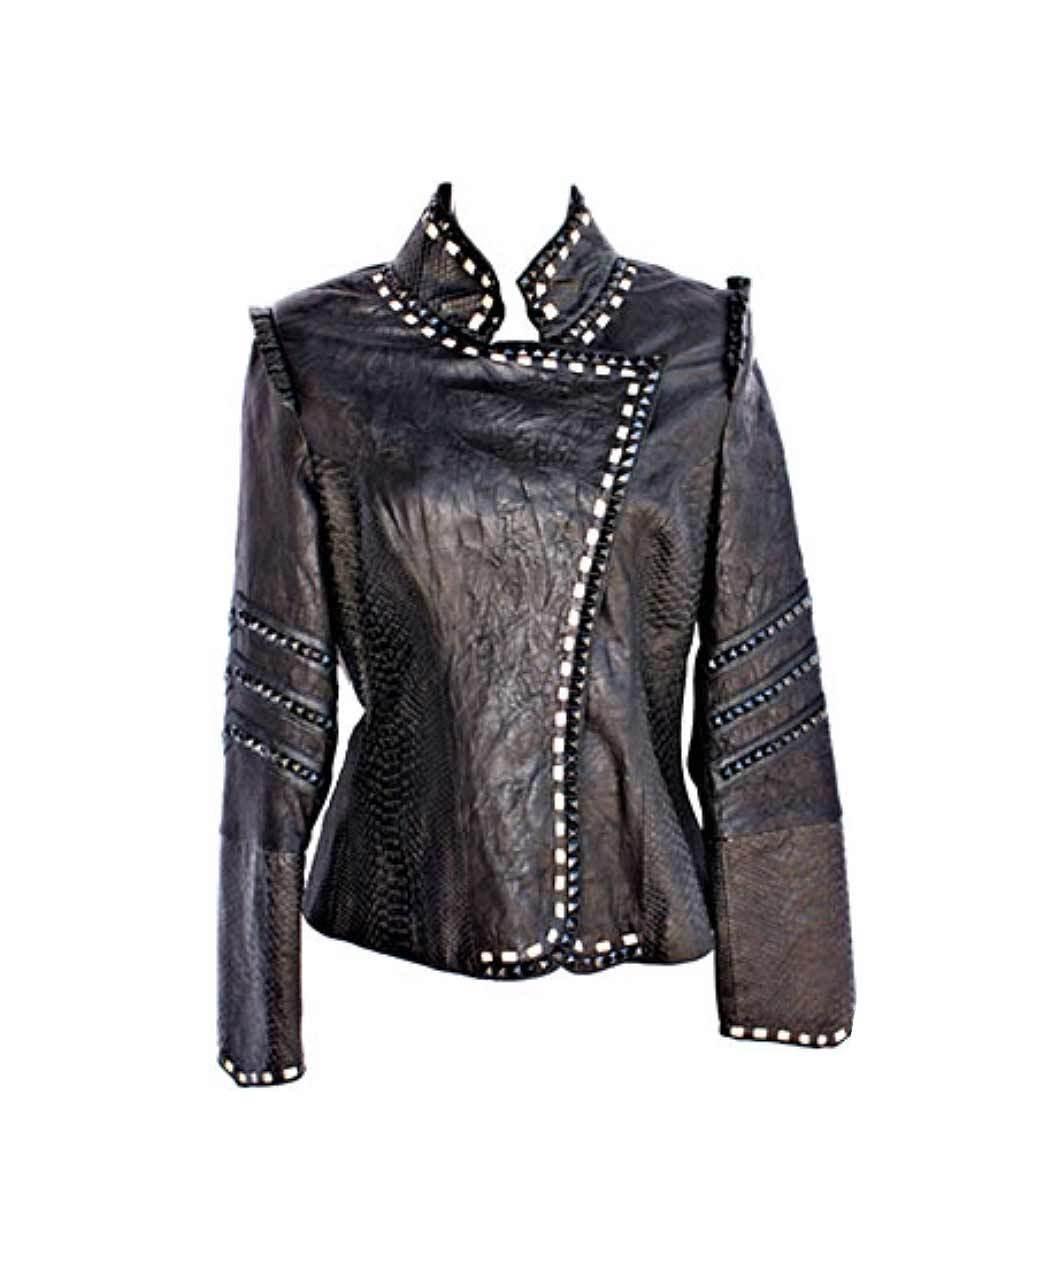 Kippys Cleo Cruzada Horseshoe Embellished Leather Jacket